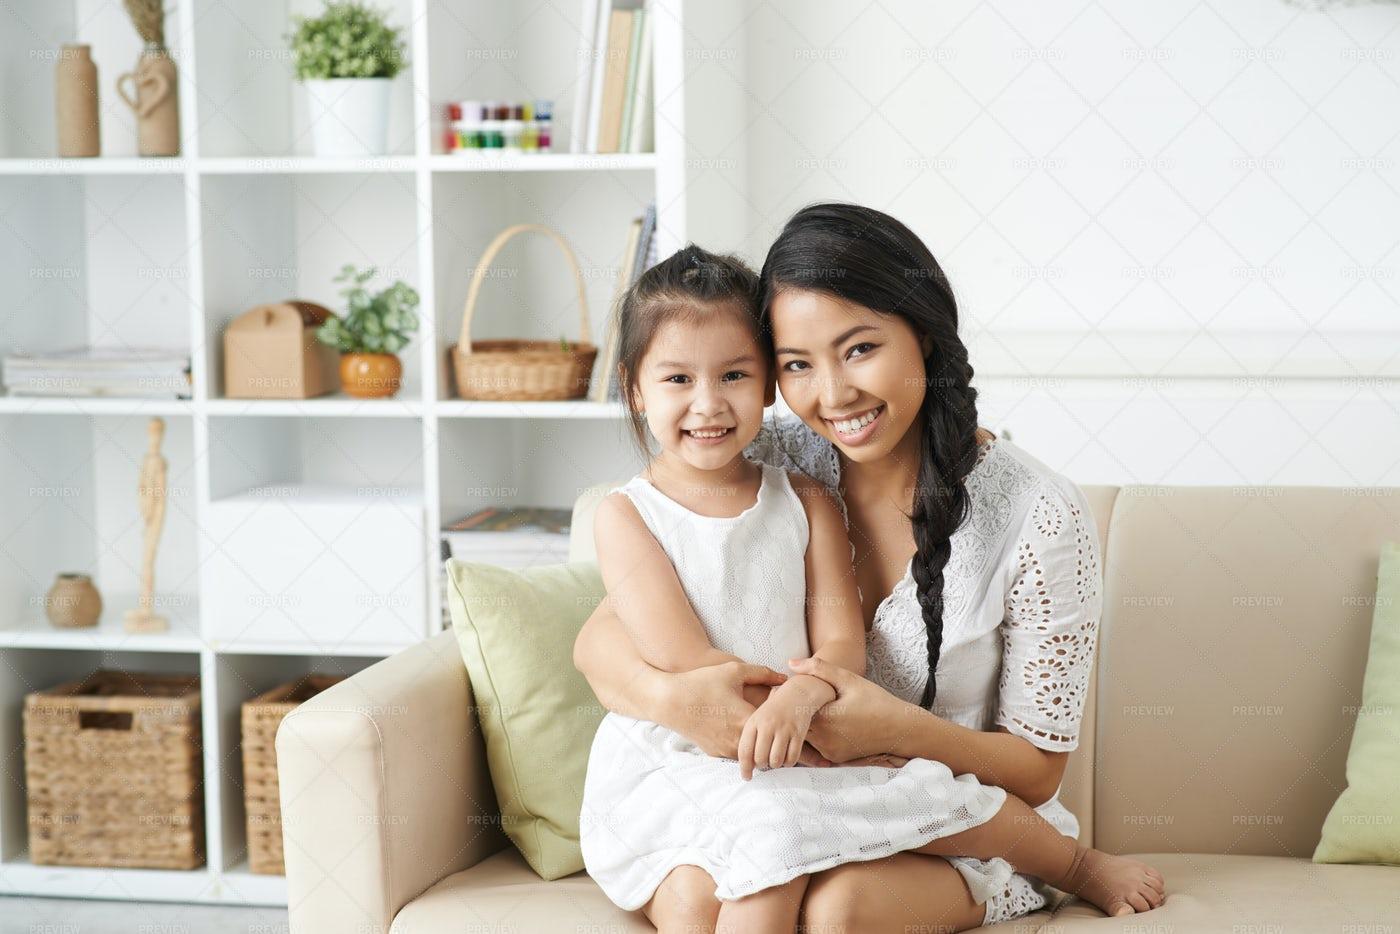 Happy Family: Stock Photos